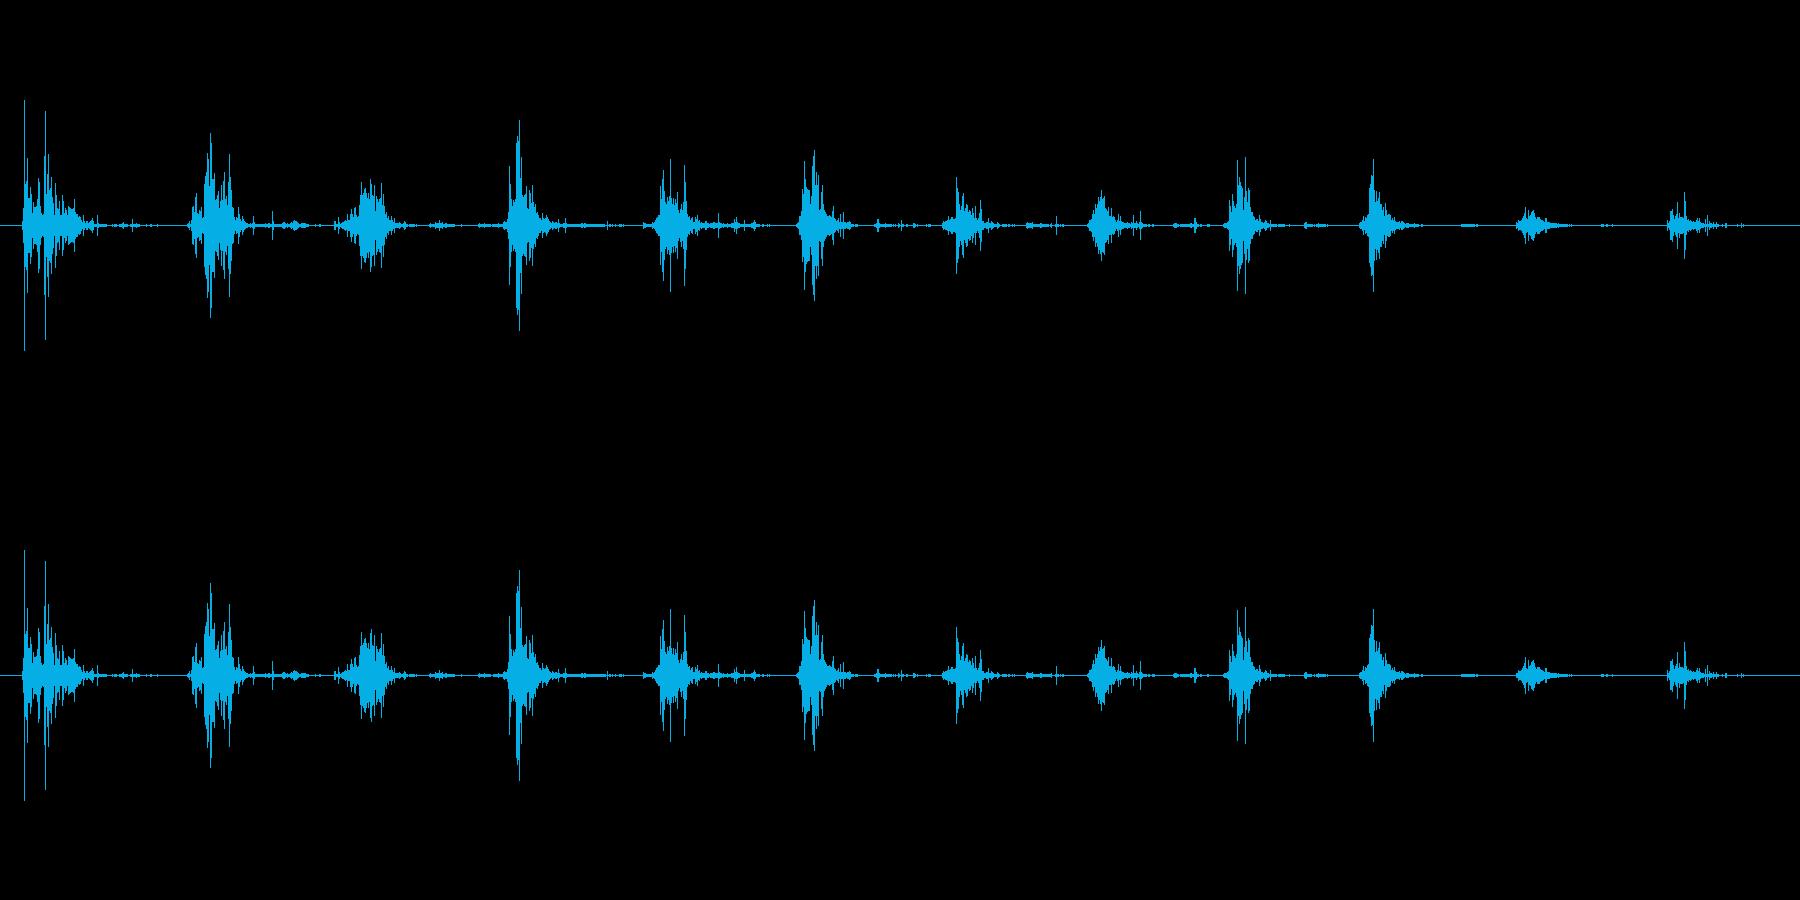 ボリボリボリ(おかきを食べる音)の再生済みの波形